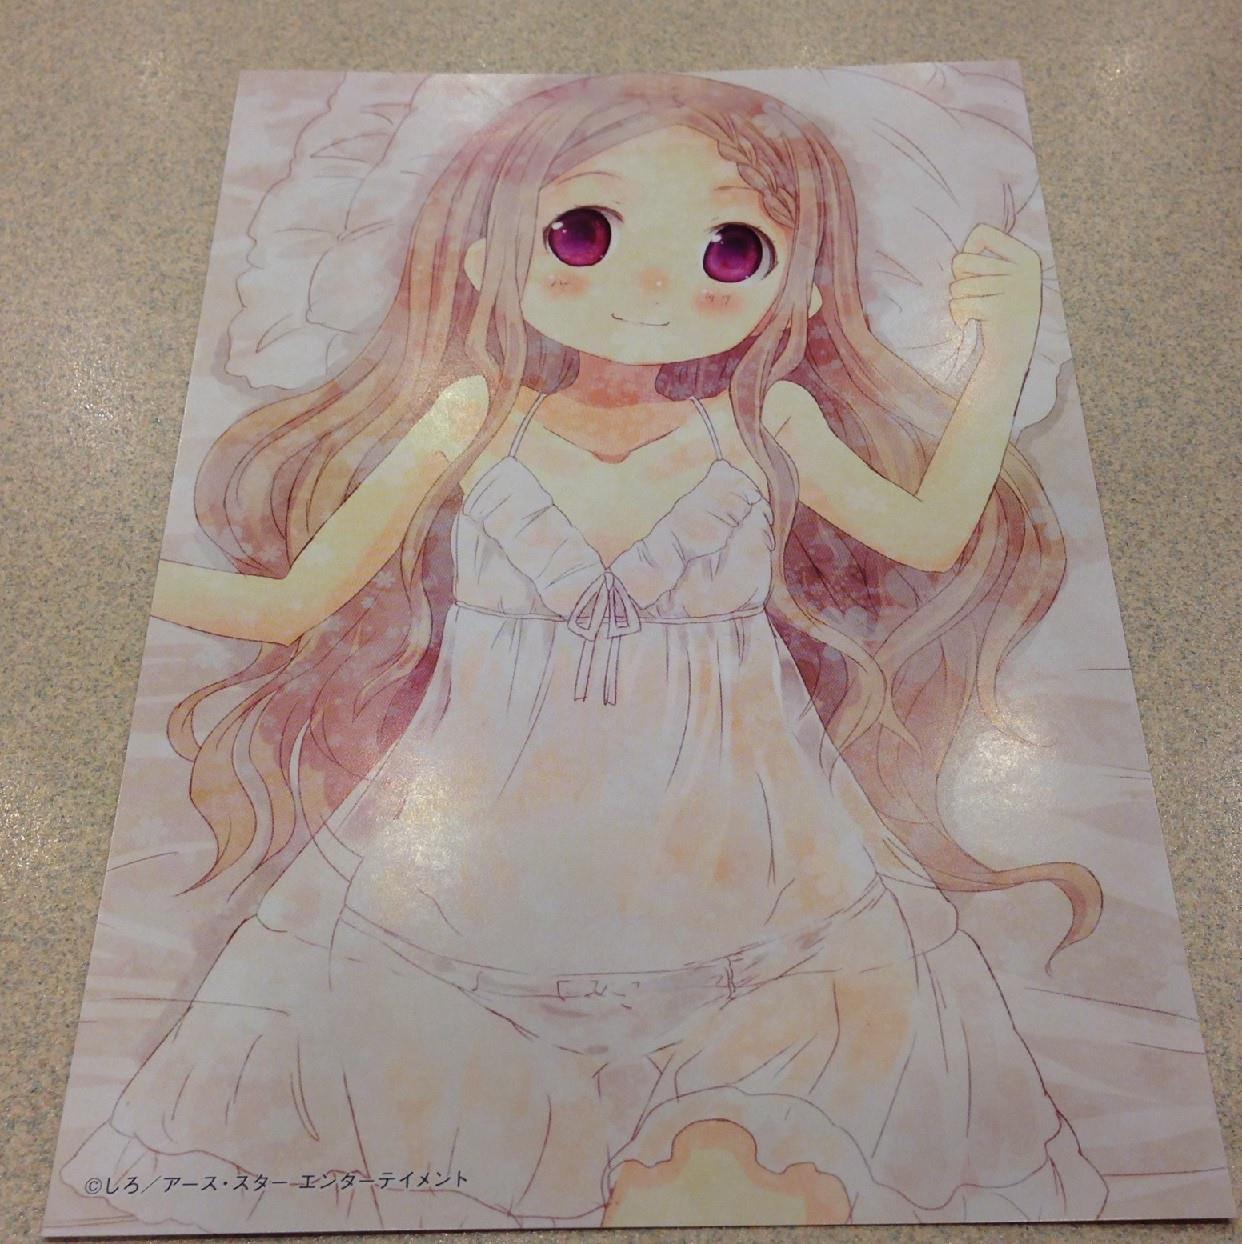 https://blog-imgs-44-origin.fc2.com/c/h/o/choocoo/u4496aSsno6P.jpg